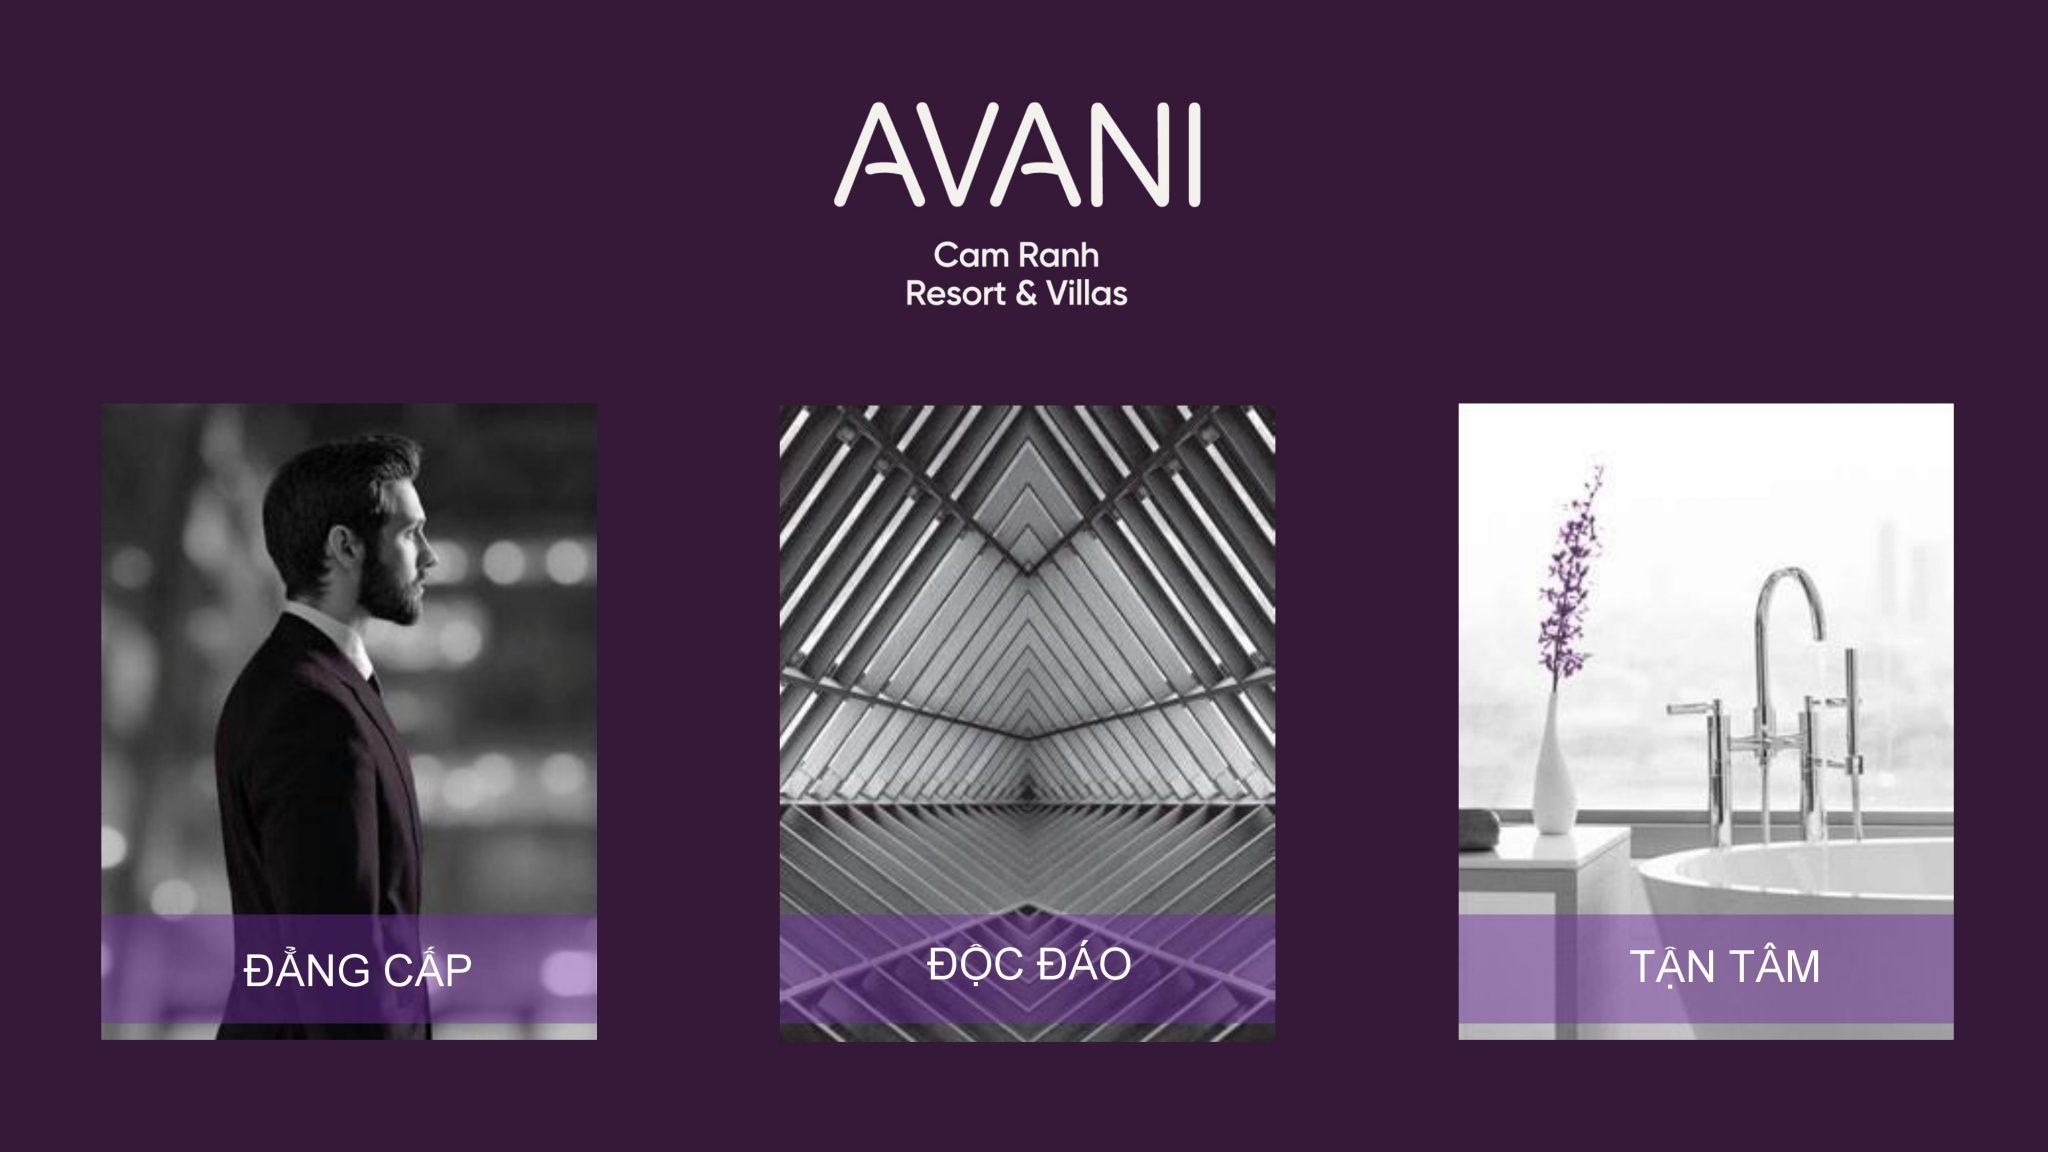 Avani - Đơn vị quản lý và vận hành cho dự án Novabeach Cam Ranh